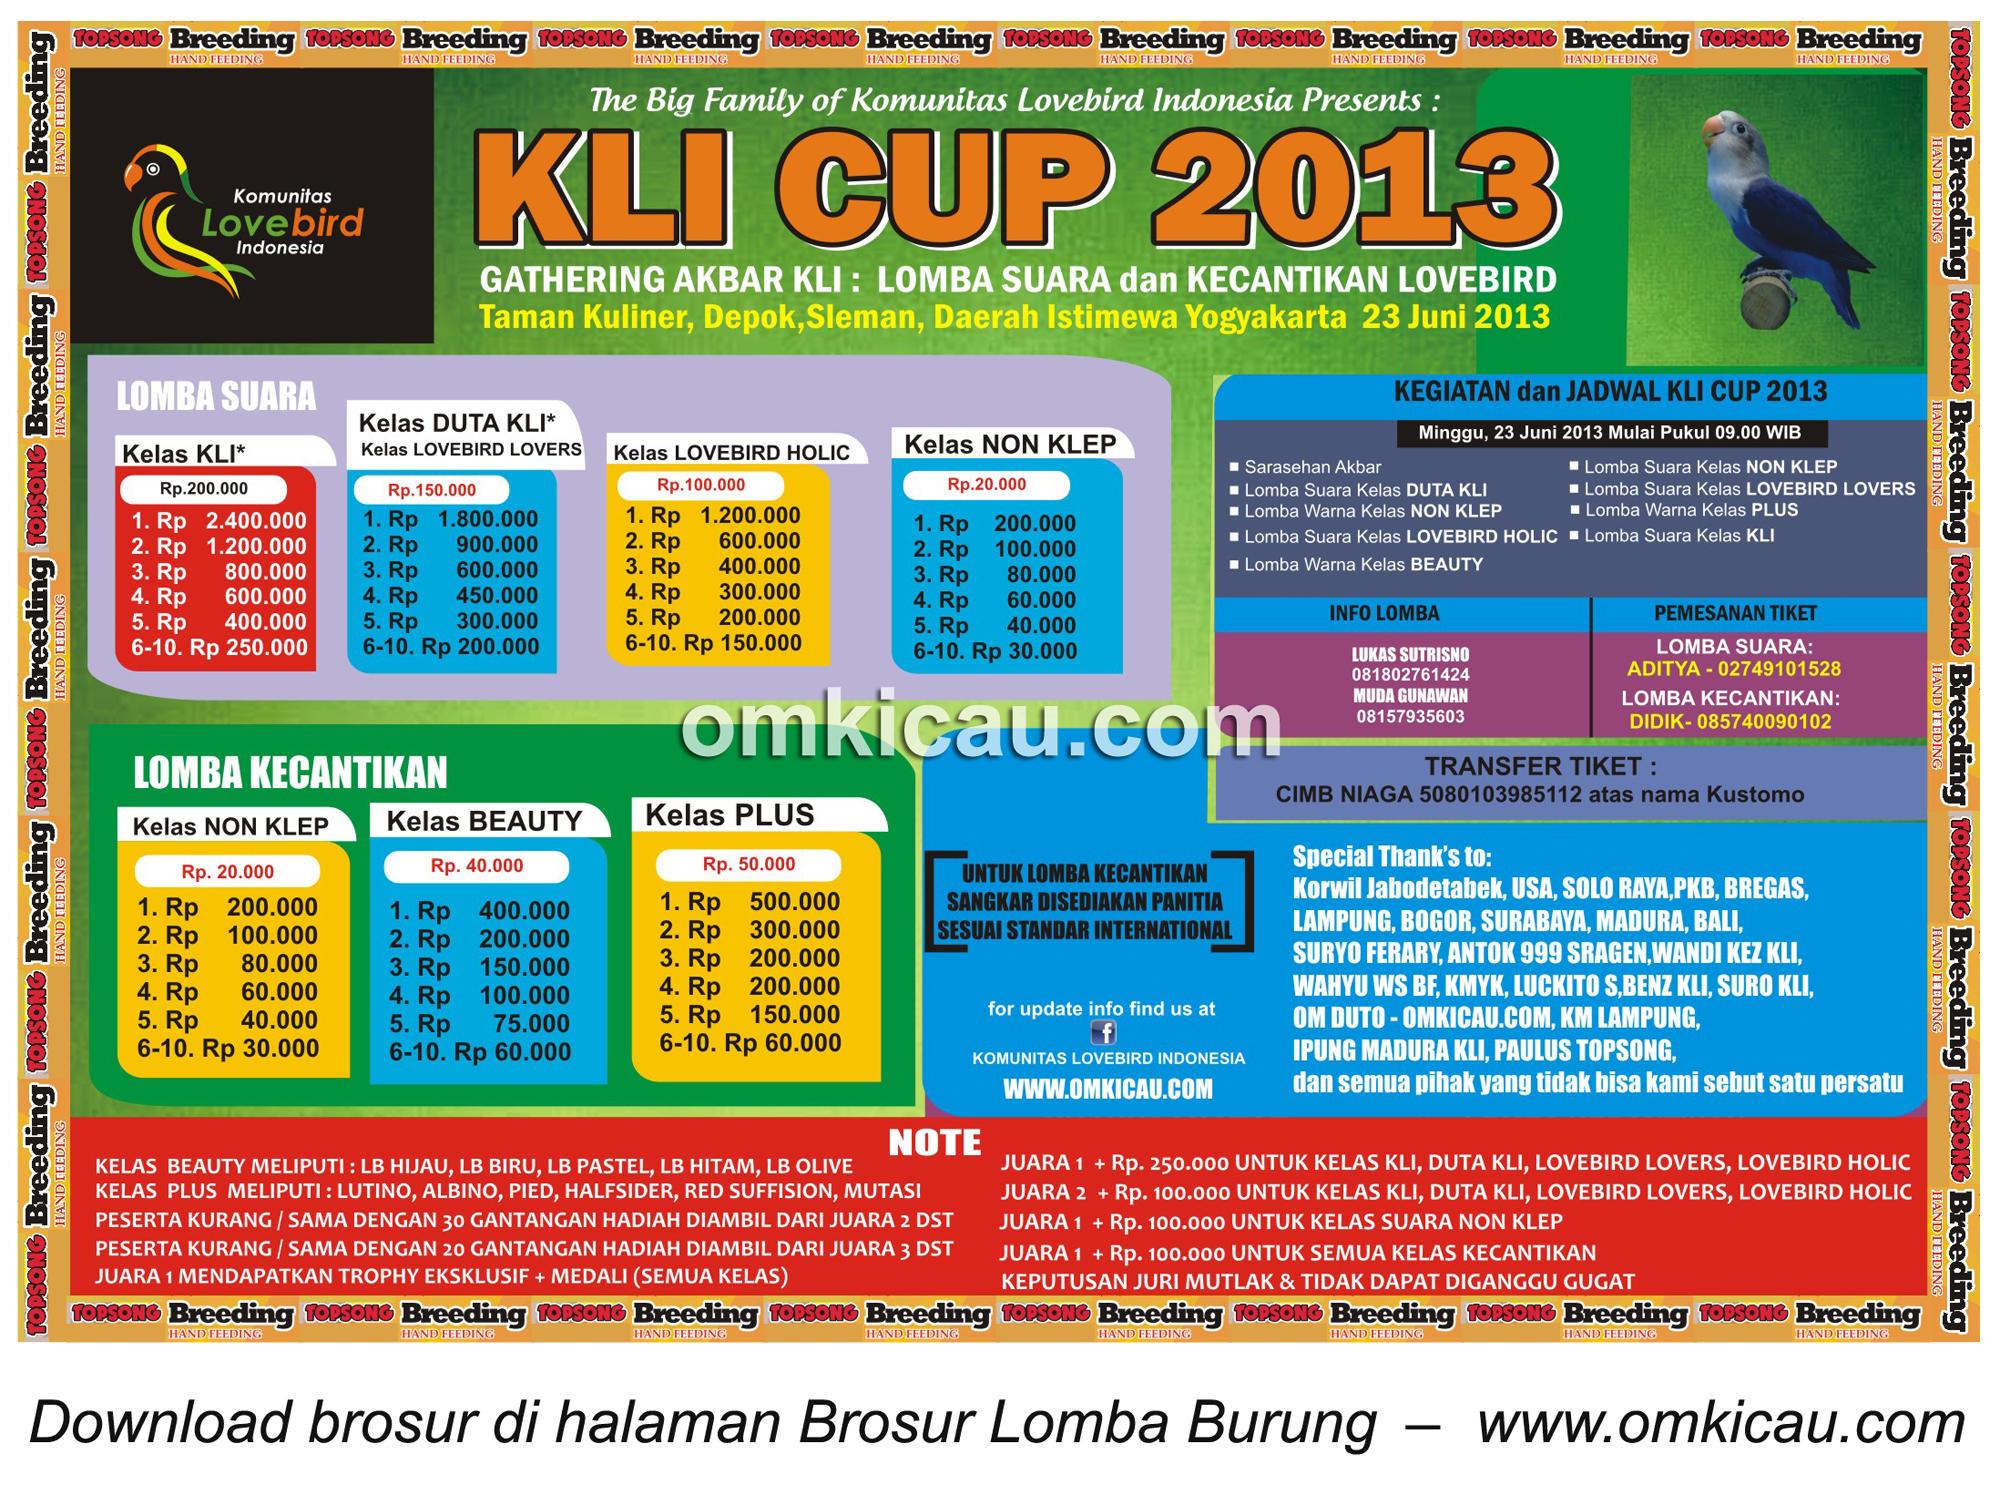 KLI Cup 2013